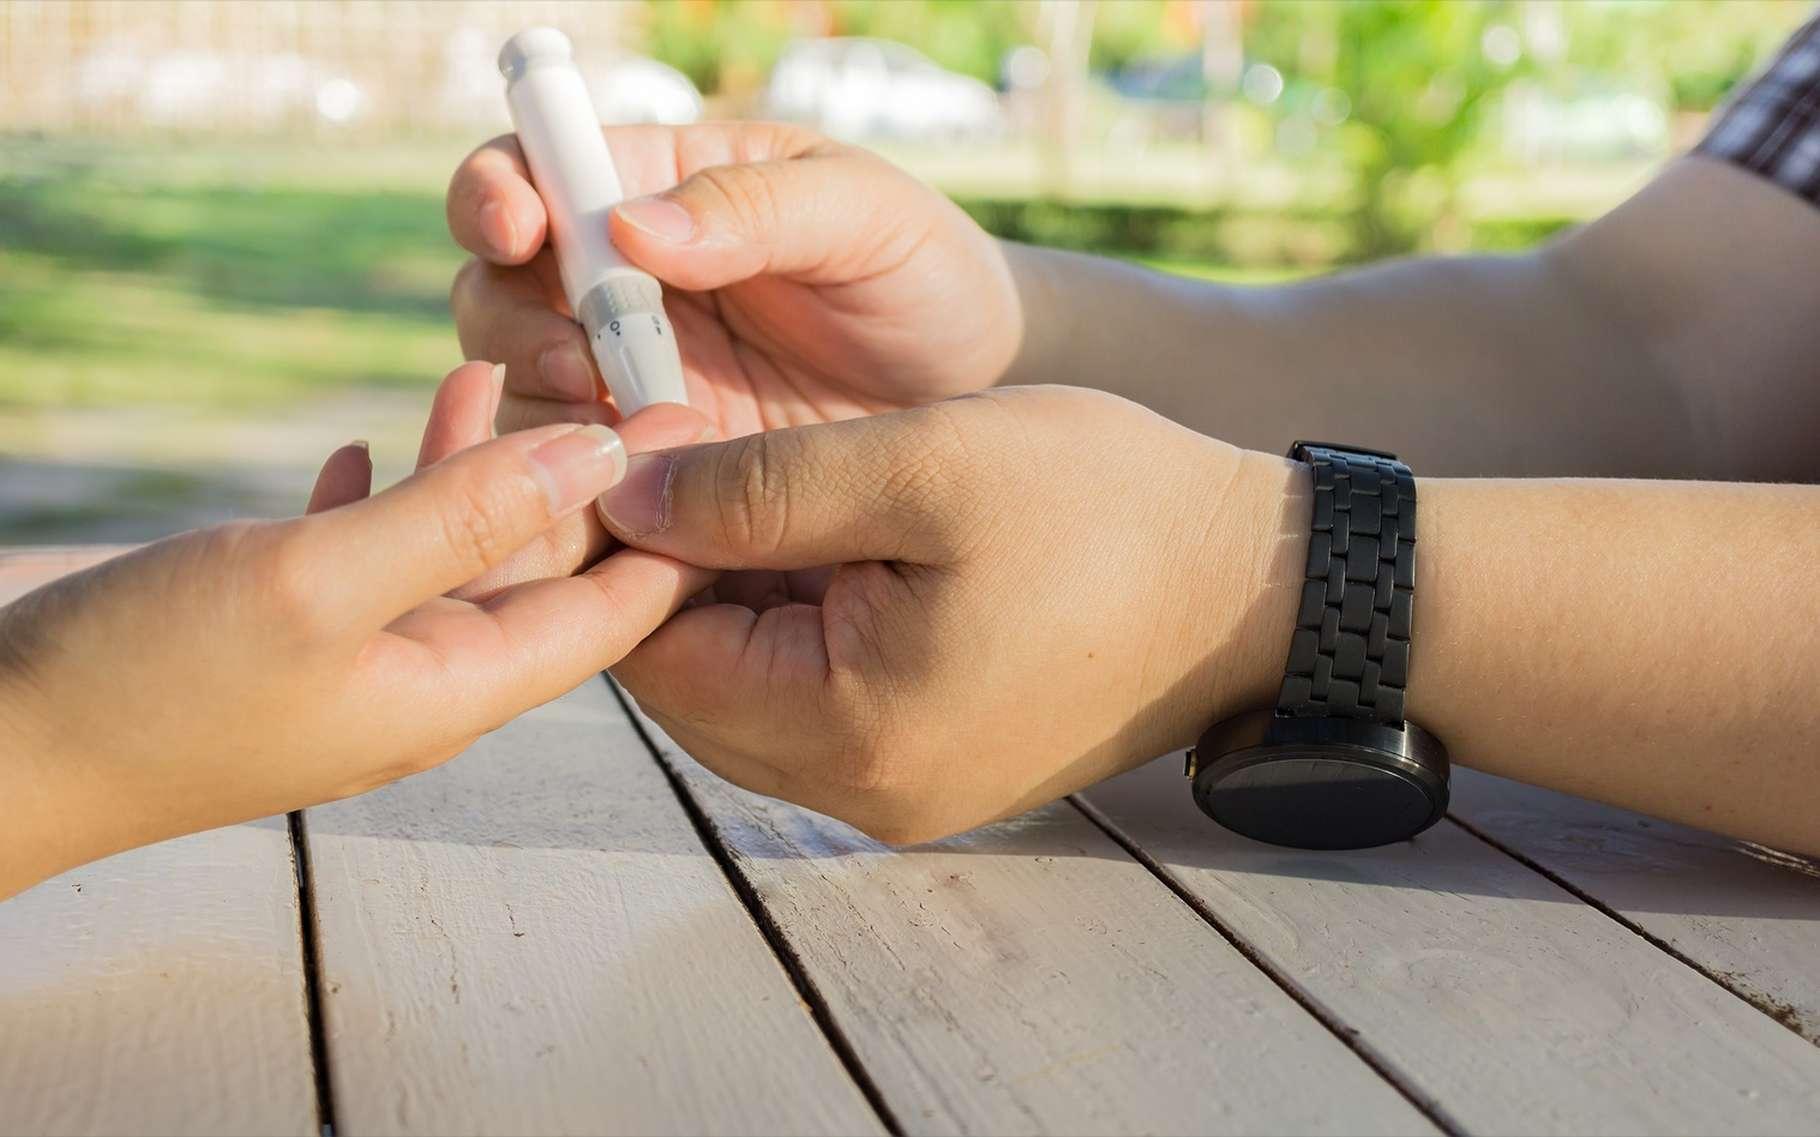 Le diabète de type 1 est une maladie auto-immune dans laquelle le système immunitaire s'attaque aux cellules productrices d'insuline. Le patient doit surveiller sa glycémie et avoir recours à une insuline synthétique. © Khongtham, Shutterstock